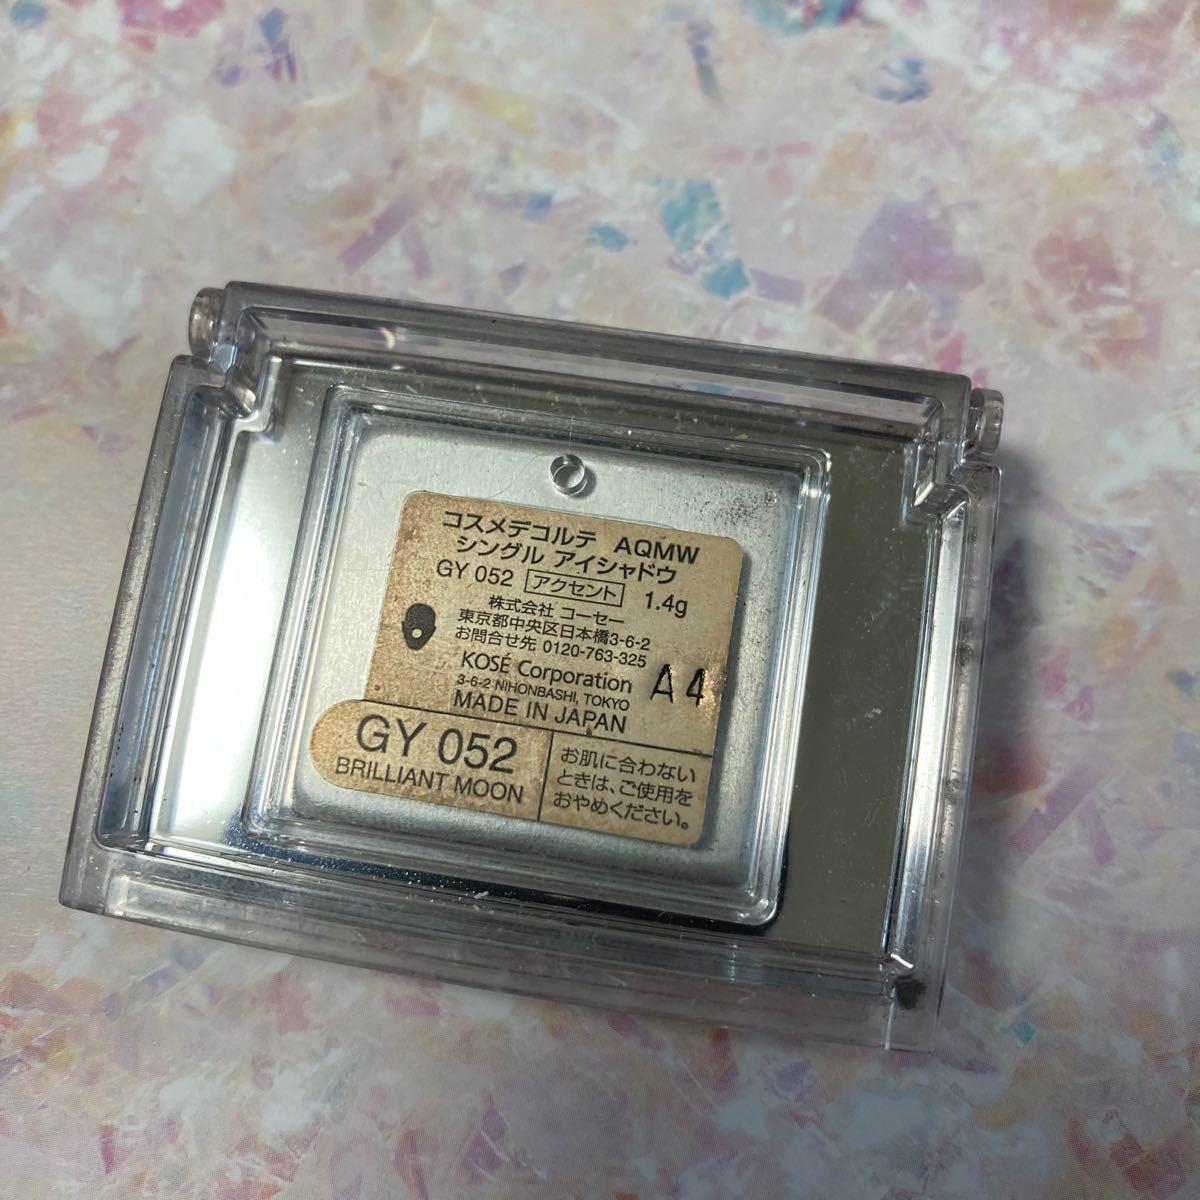 コスメデコルテ アイシャドウ GY052